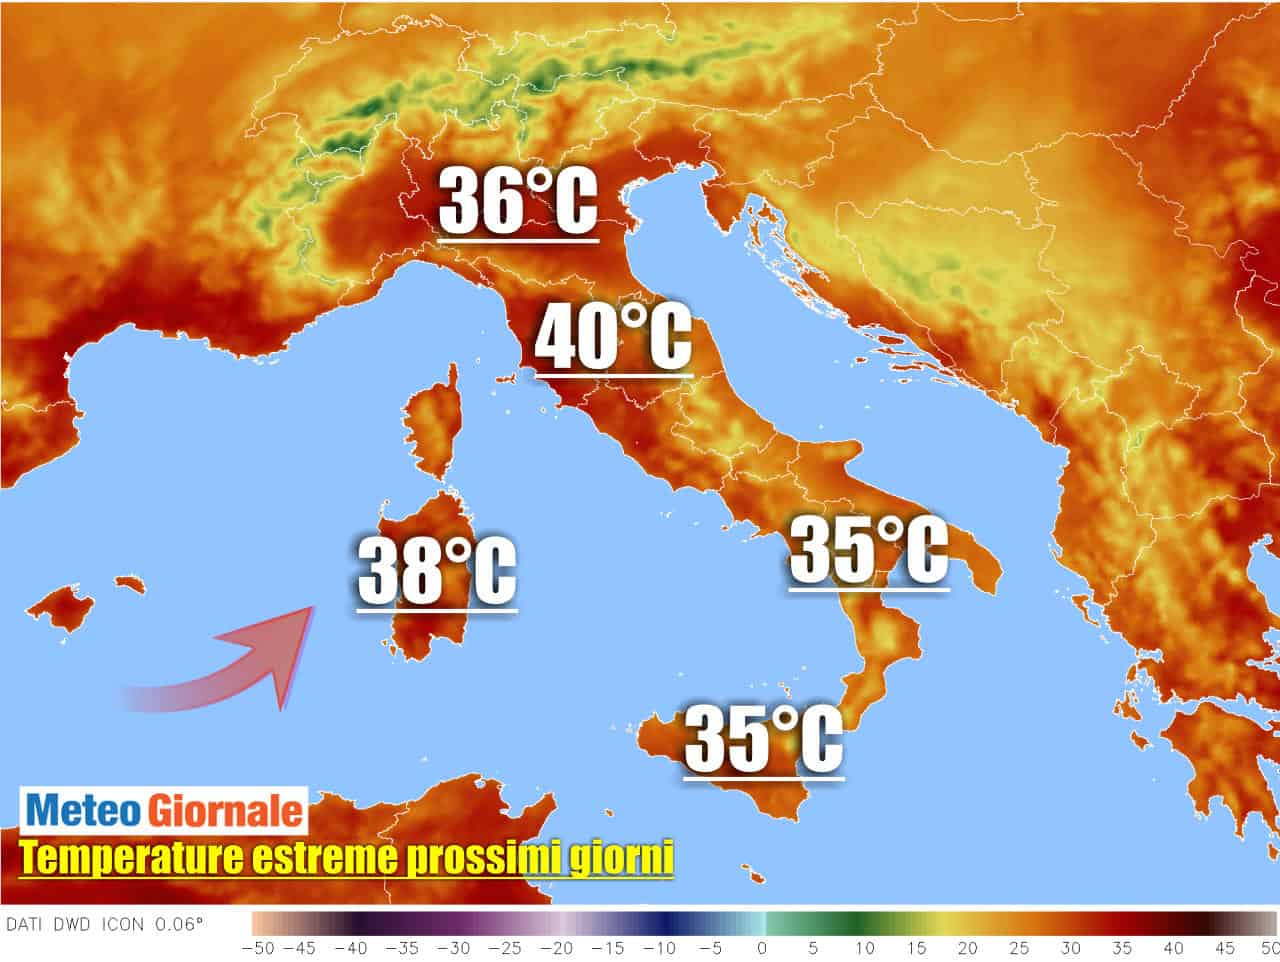 meteo con ondata di caldo in italia - Meteo: nuova forte Ondata di Caldo che inizierà dal Nord Italia